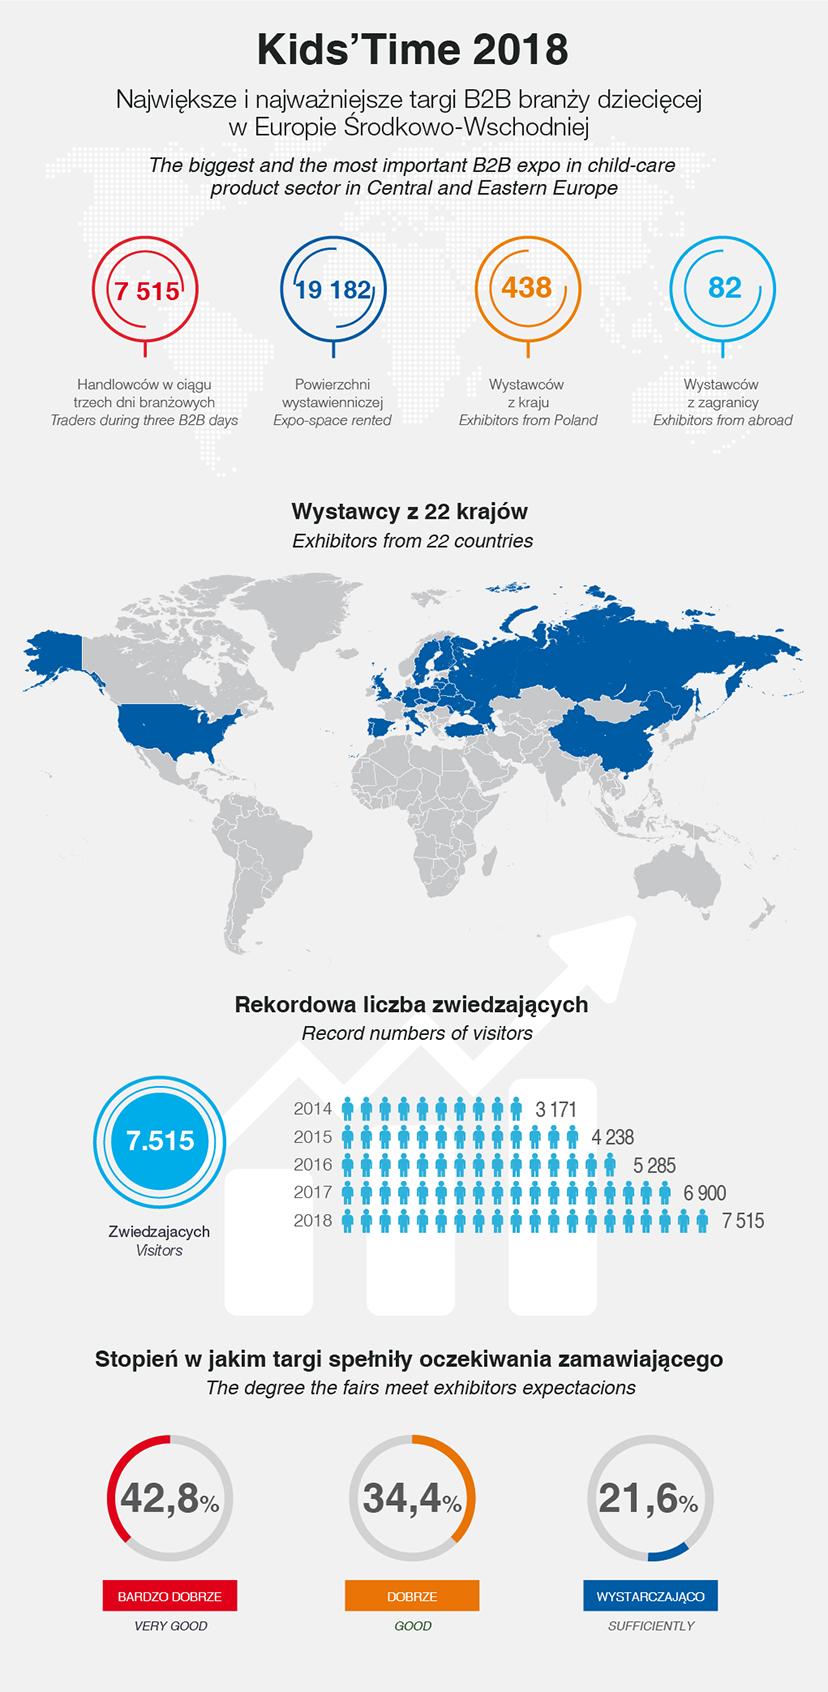 kids time 2018 - statystyki infografika